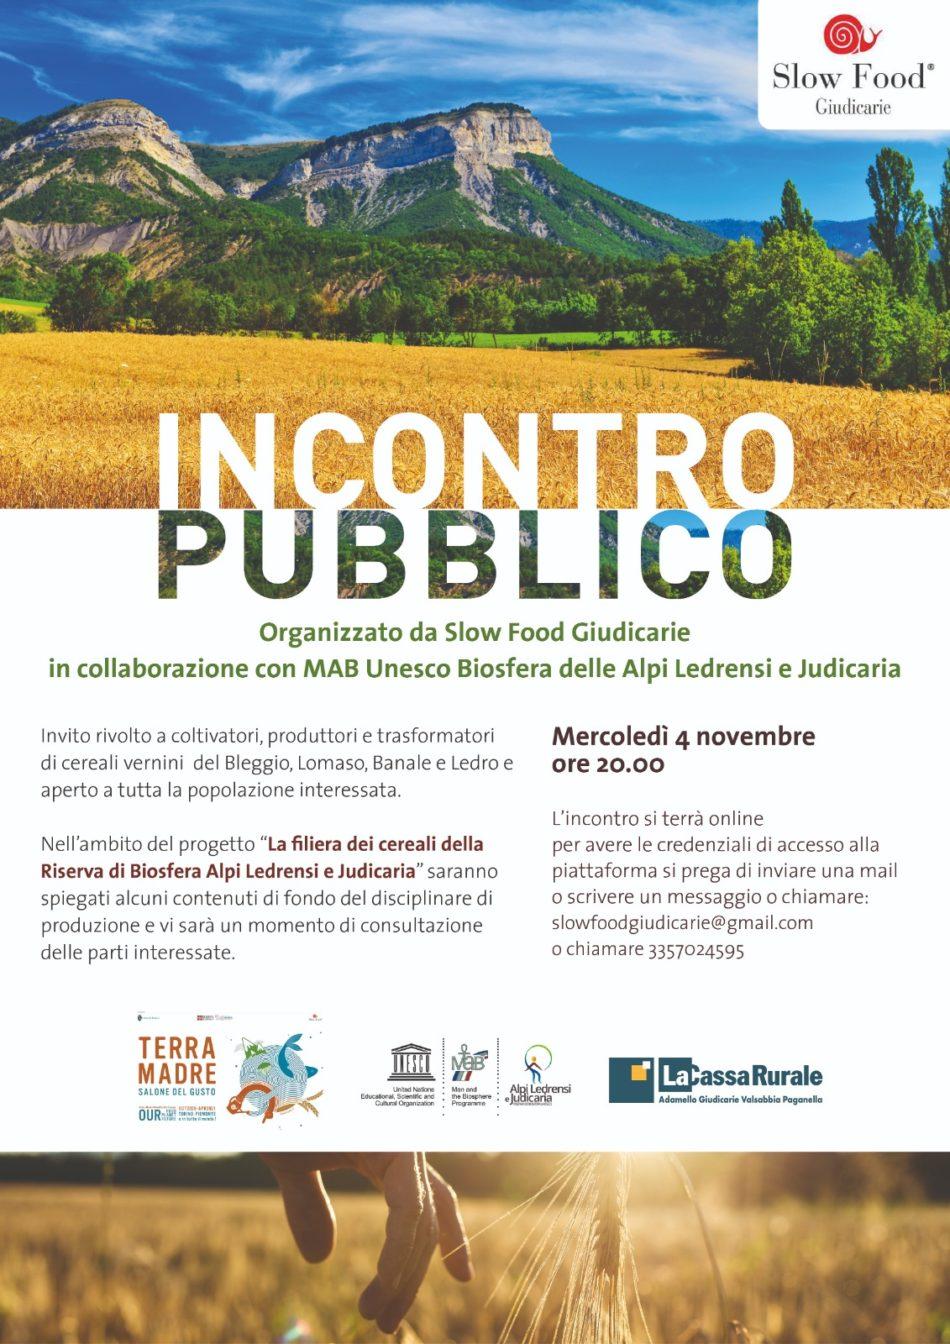 Incontro pubblico online – La filiera dei cereali della Riserva di Biosfera Alpi Ledrensi e Judicaria